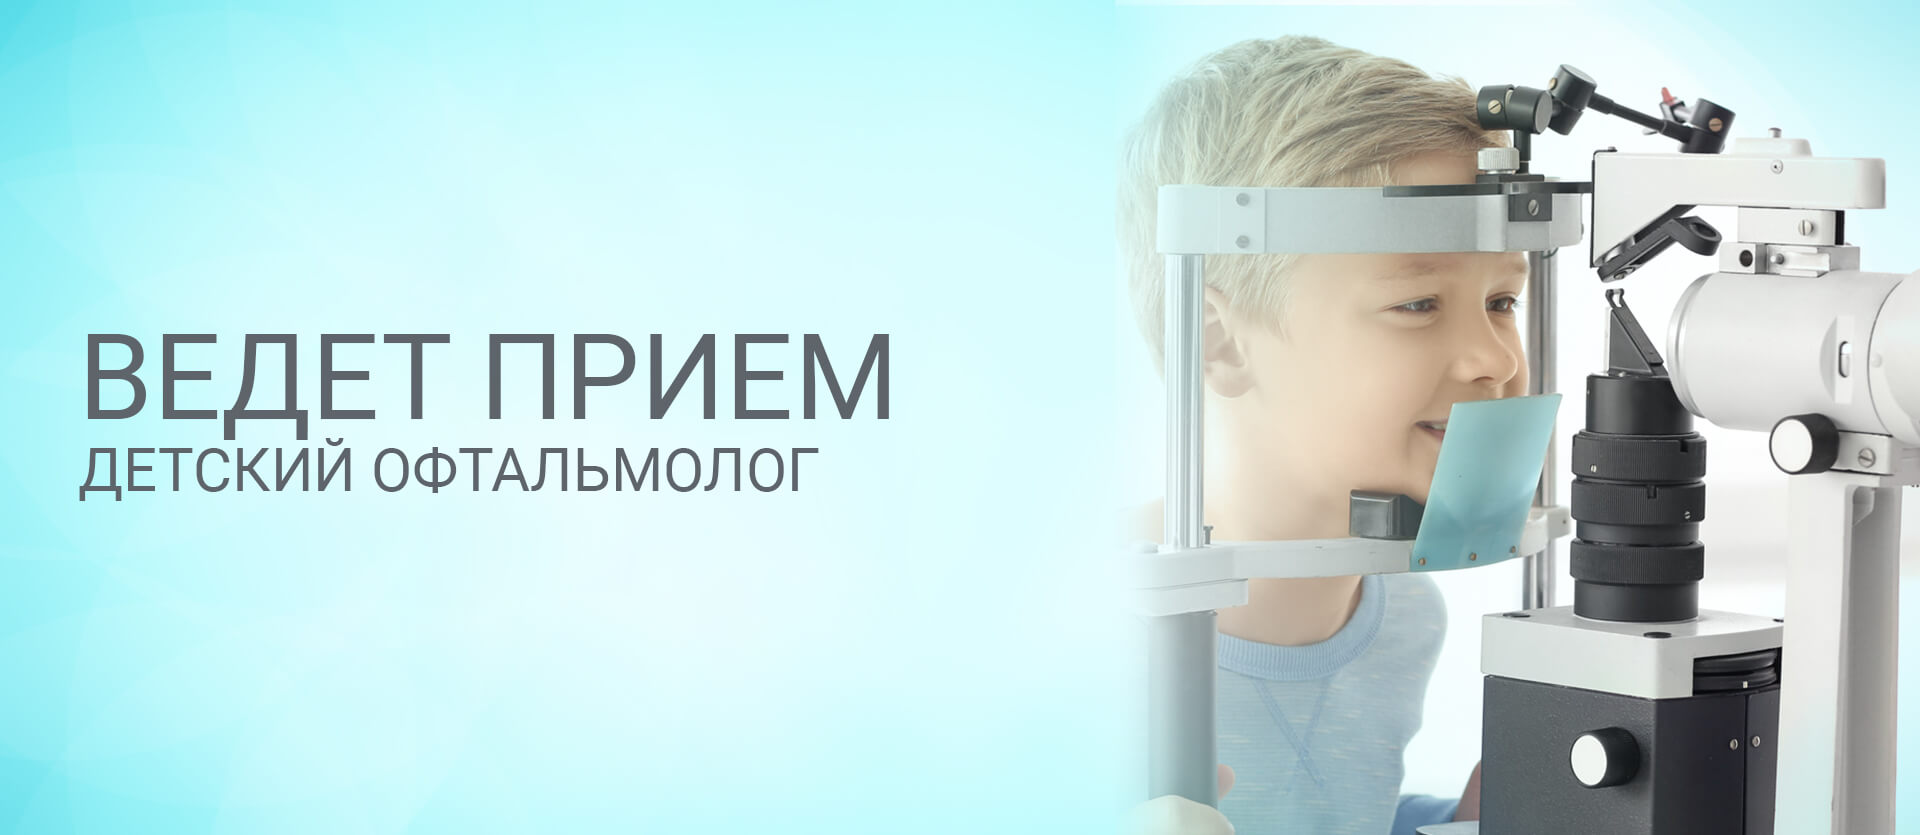 Ведет прием детский офтальмолог